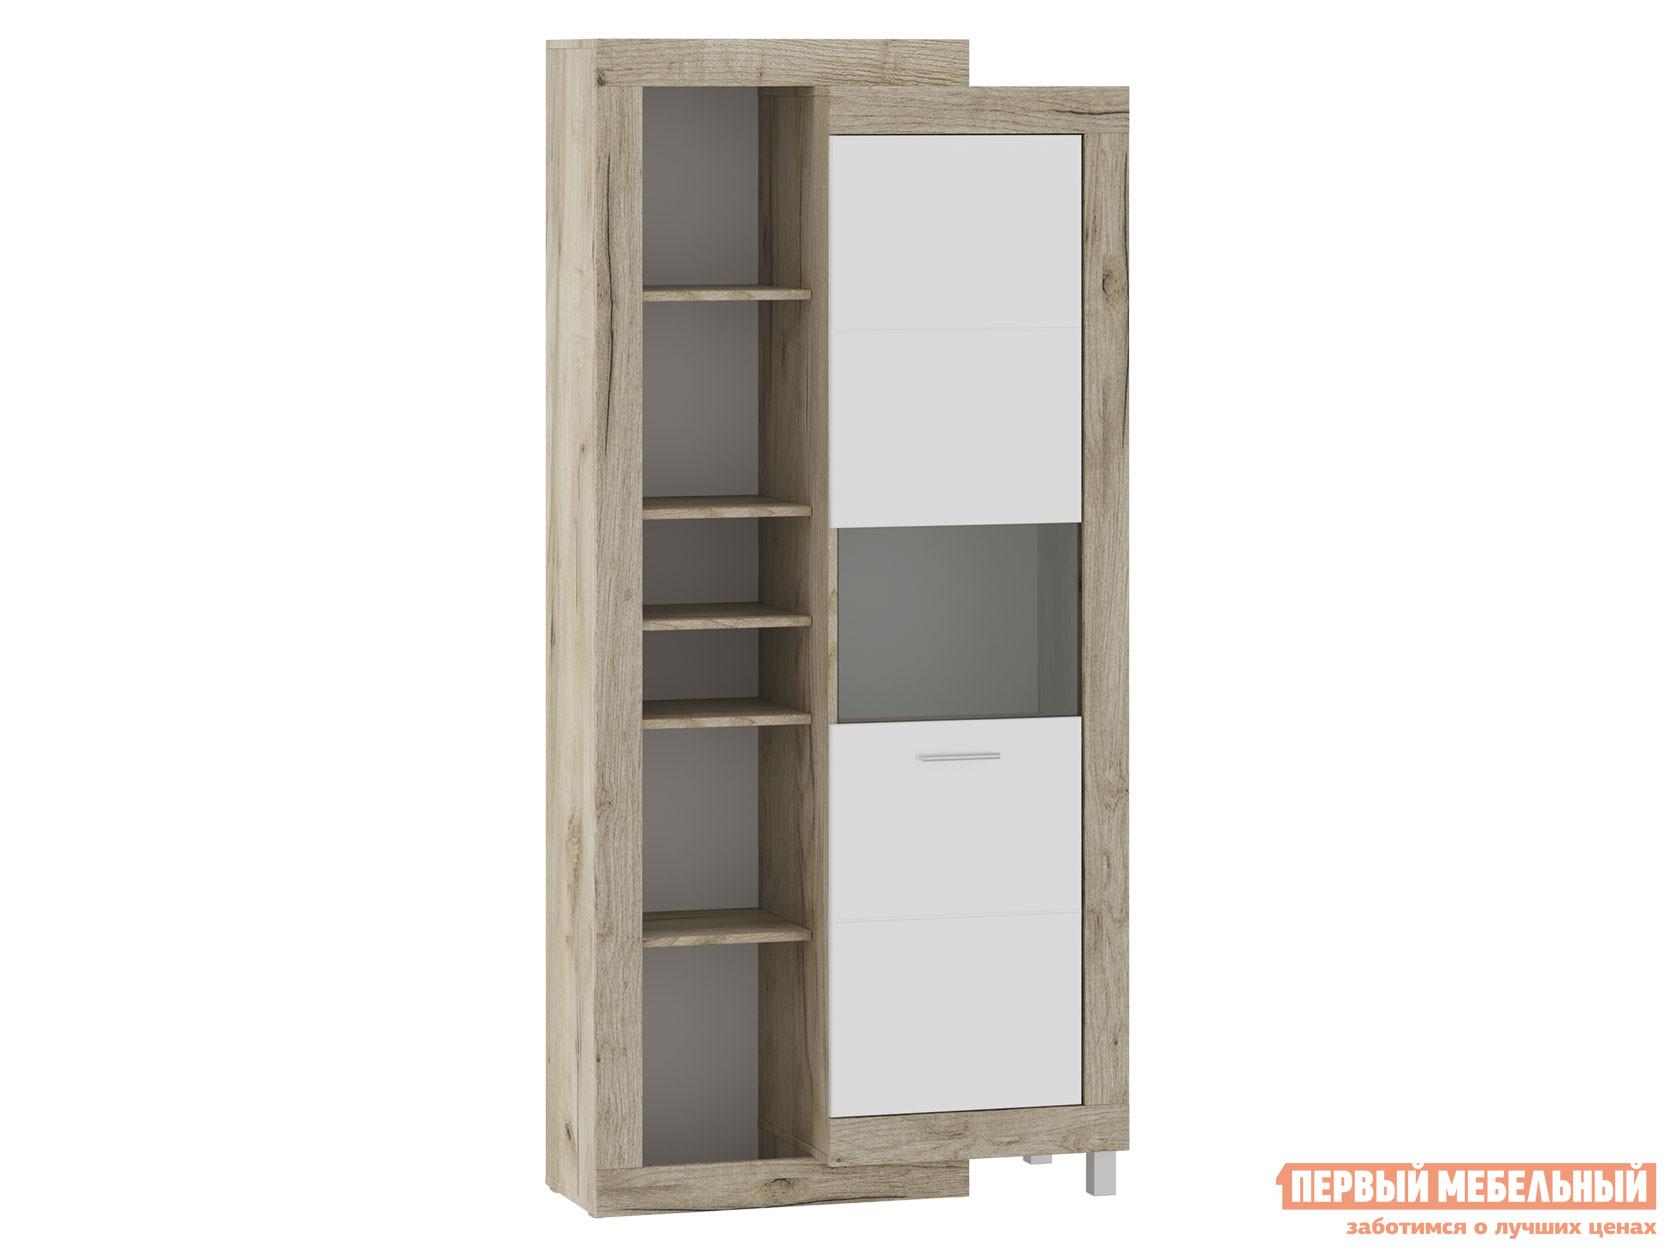 Шкаф-витрина Первый Мебельный 71280122 ГЕНЕЗИС шкаф-сервант